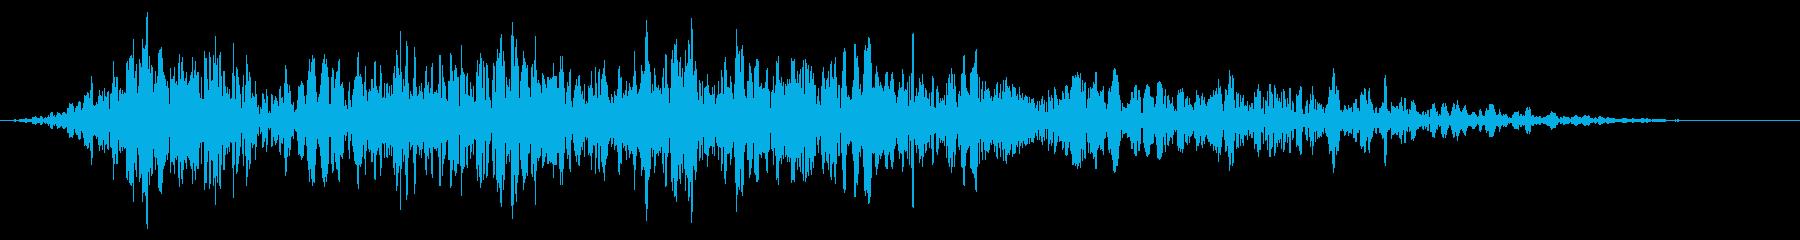 ワーブルホイップトランスフォーメーションの再生済みの波形